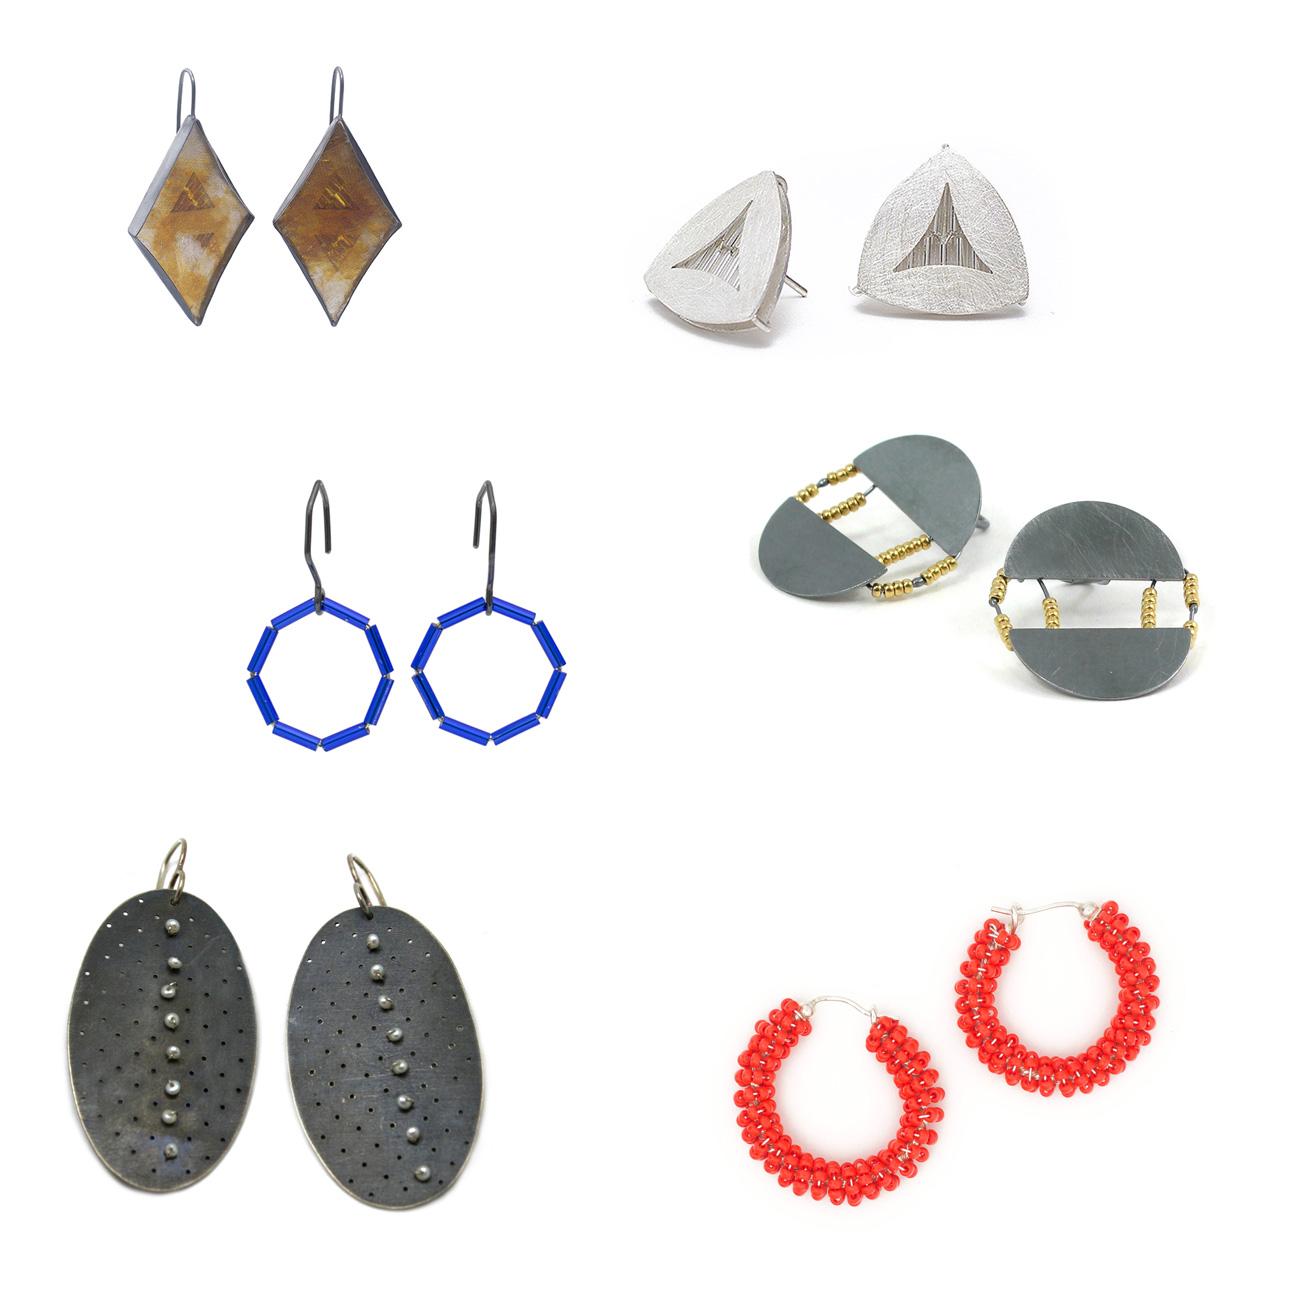 6-earrings-collage.jpg